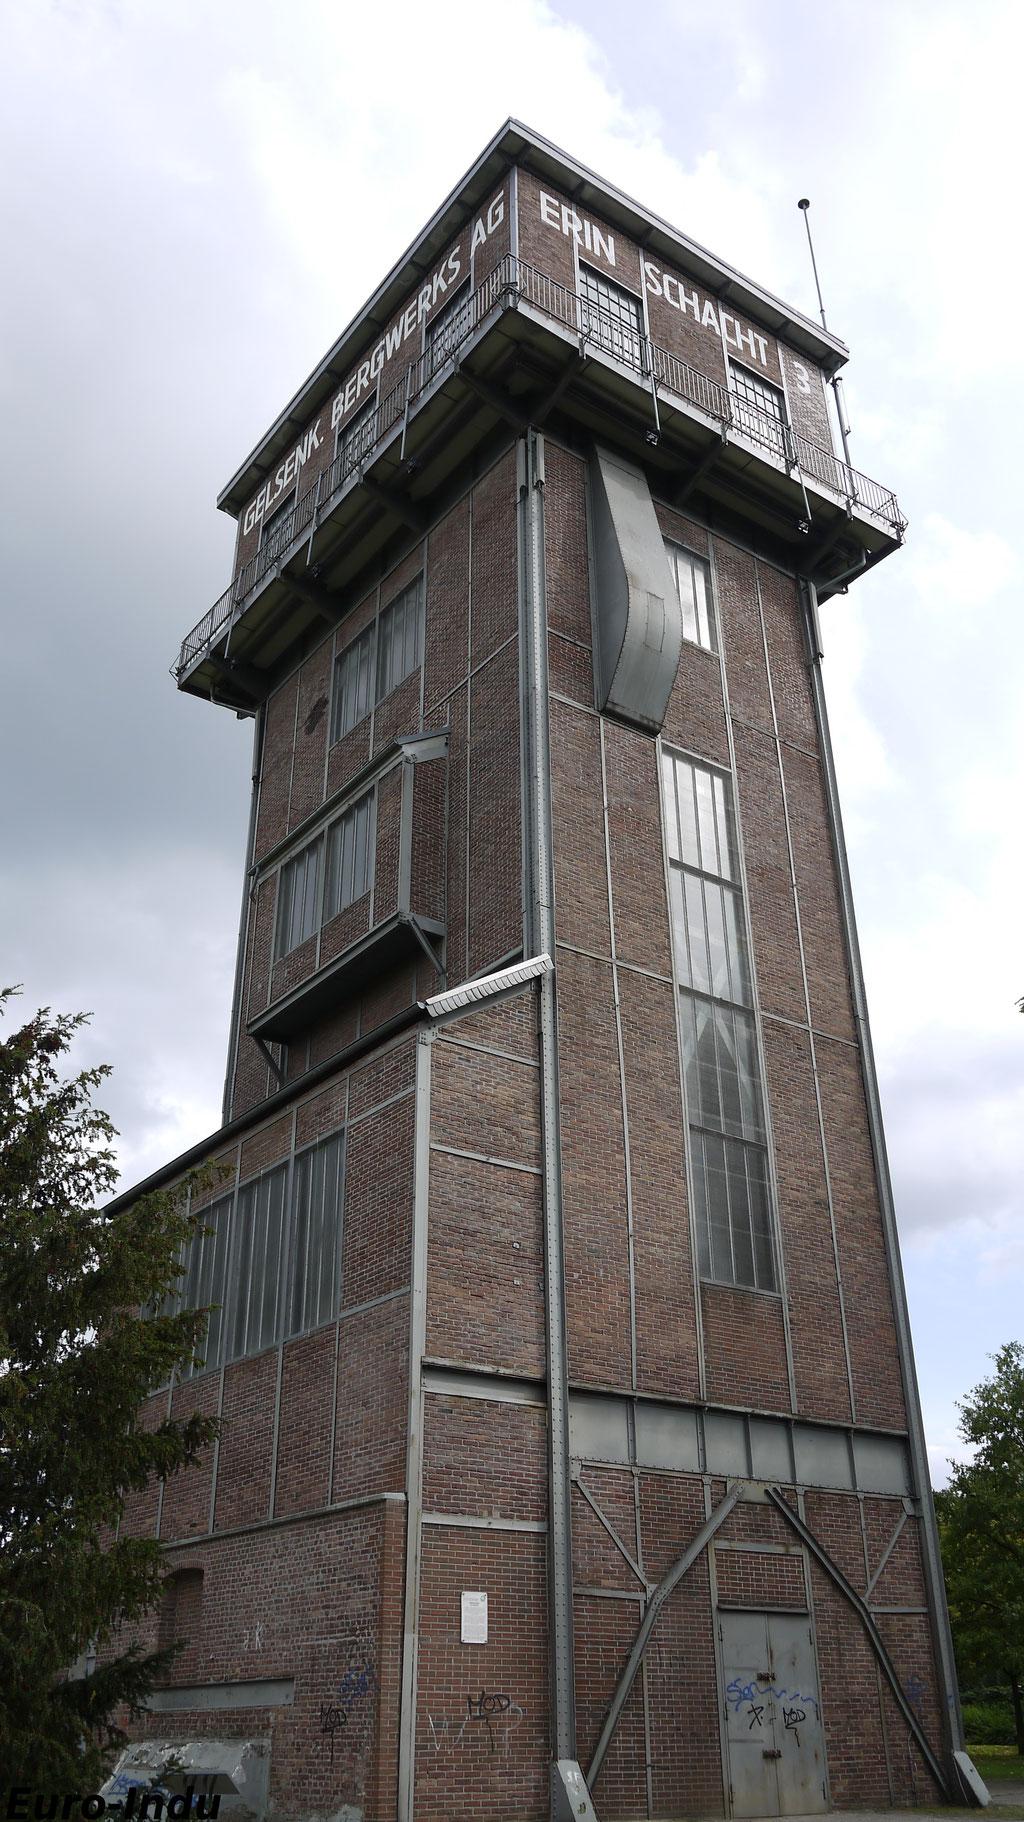 Hammerkopfturm Schacht 3